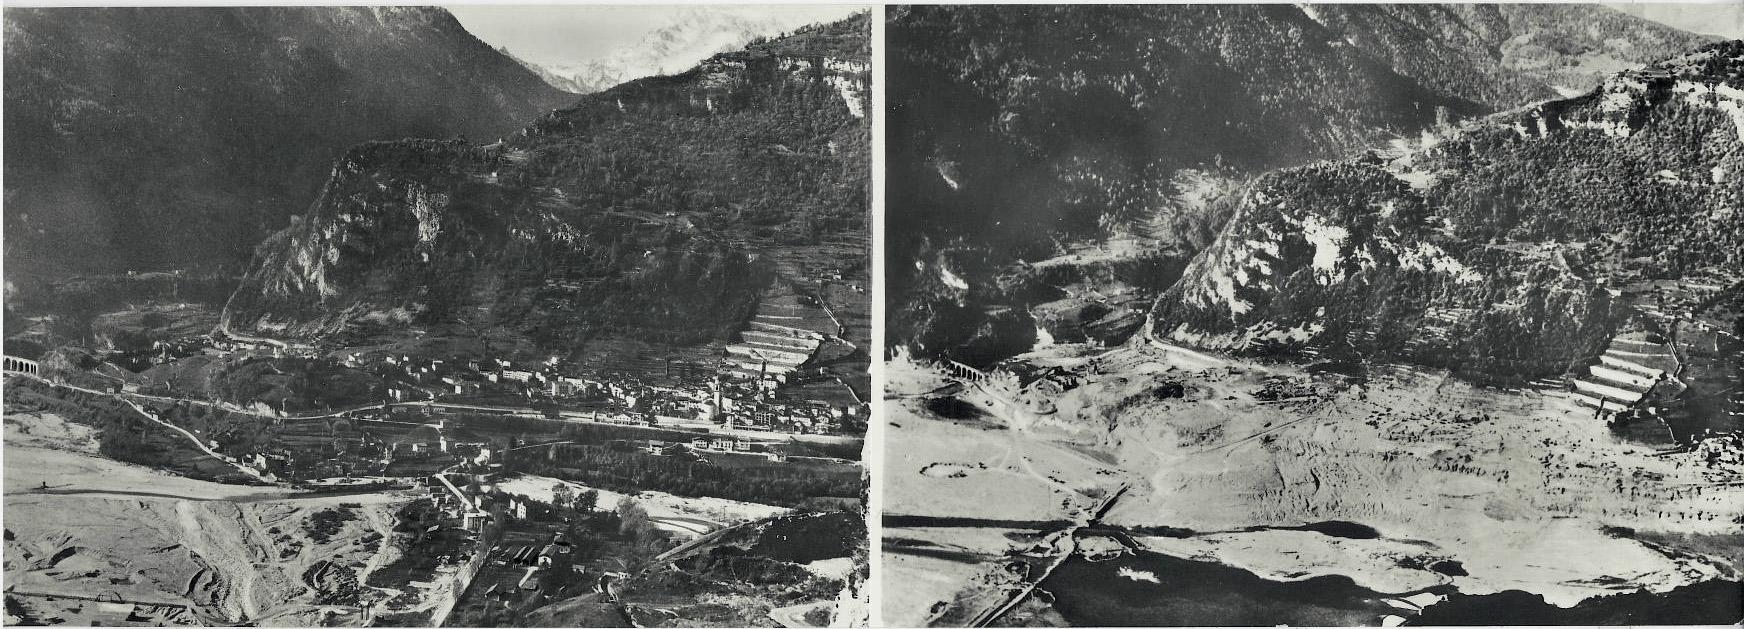 Longarone prima e dopo il disastro del Vajont.